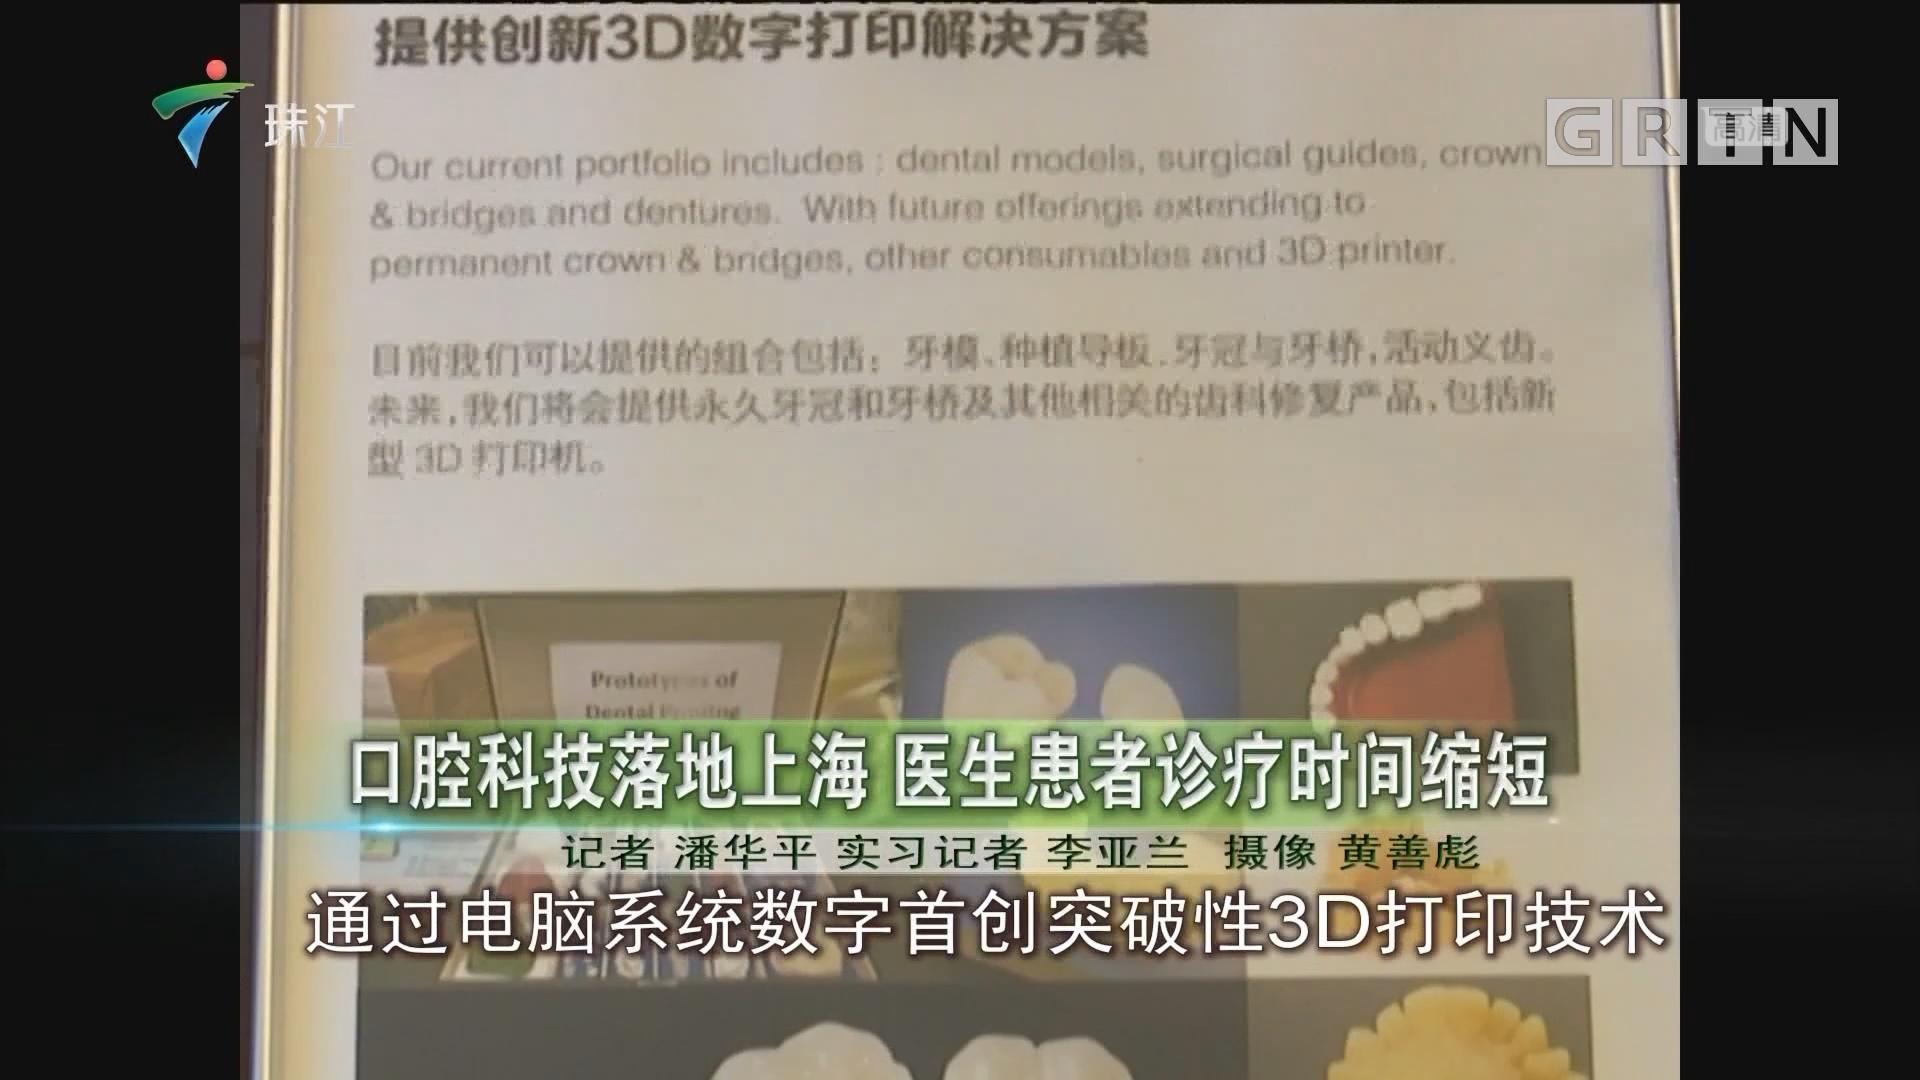 口腔科技落地上海 医生患者诊疗时间缩短